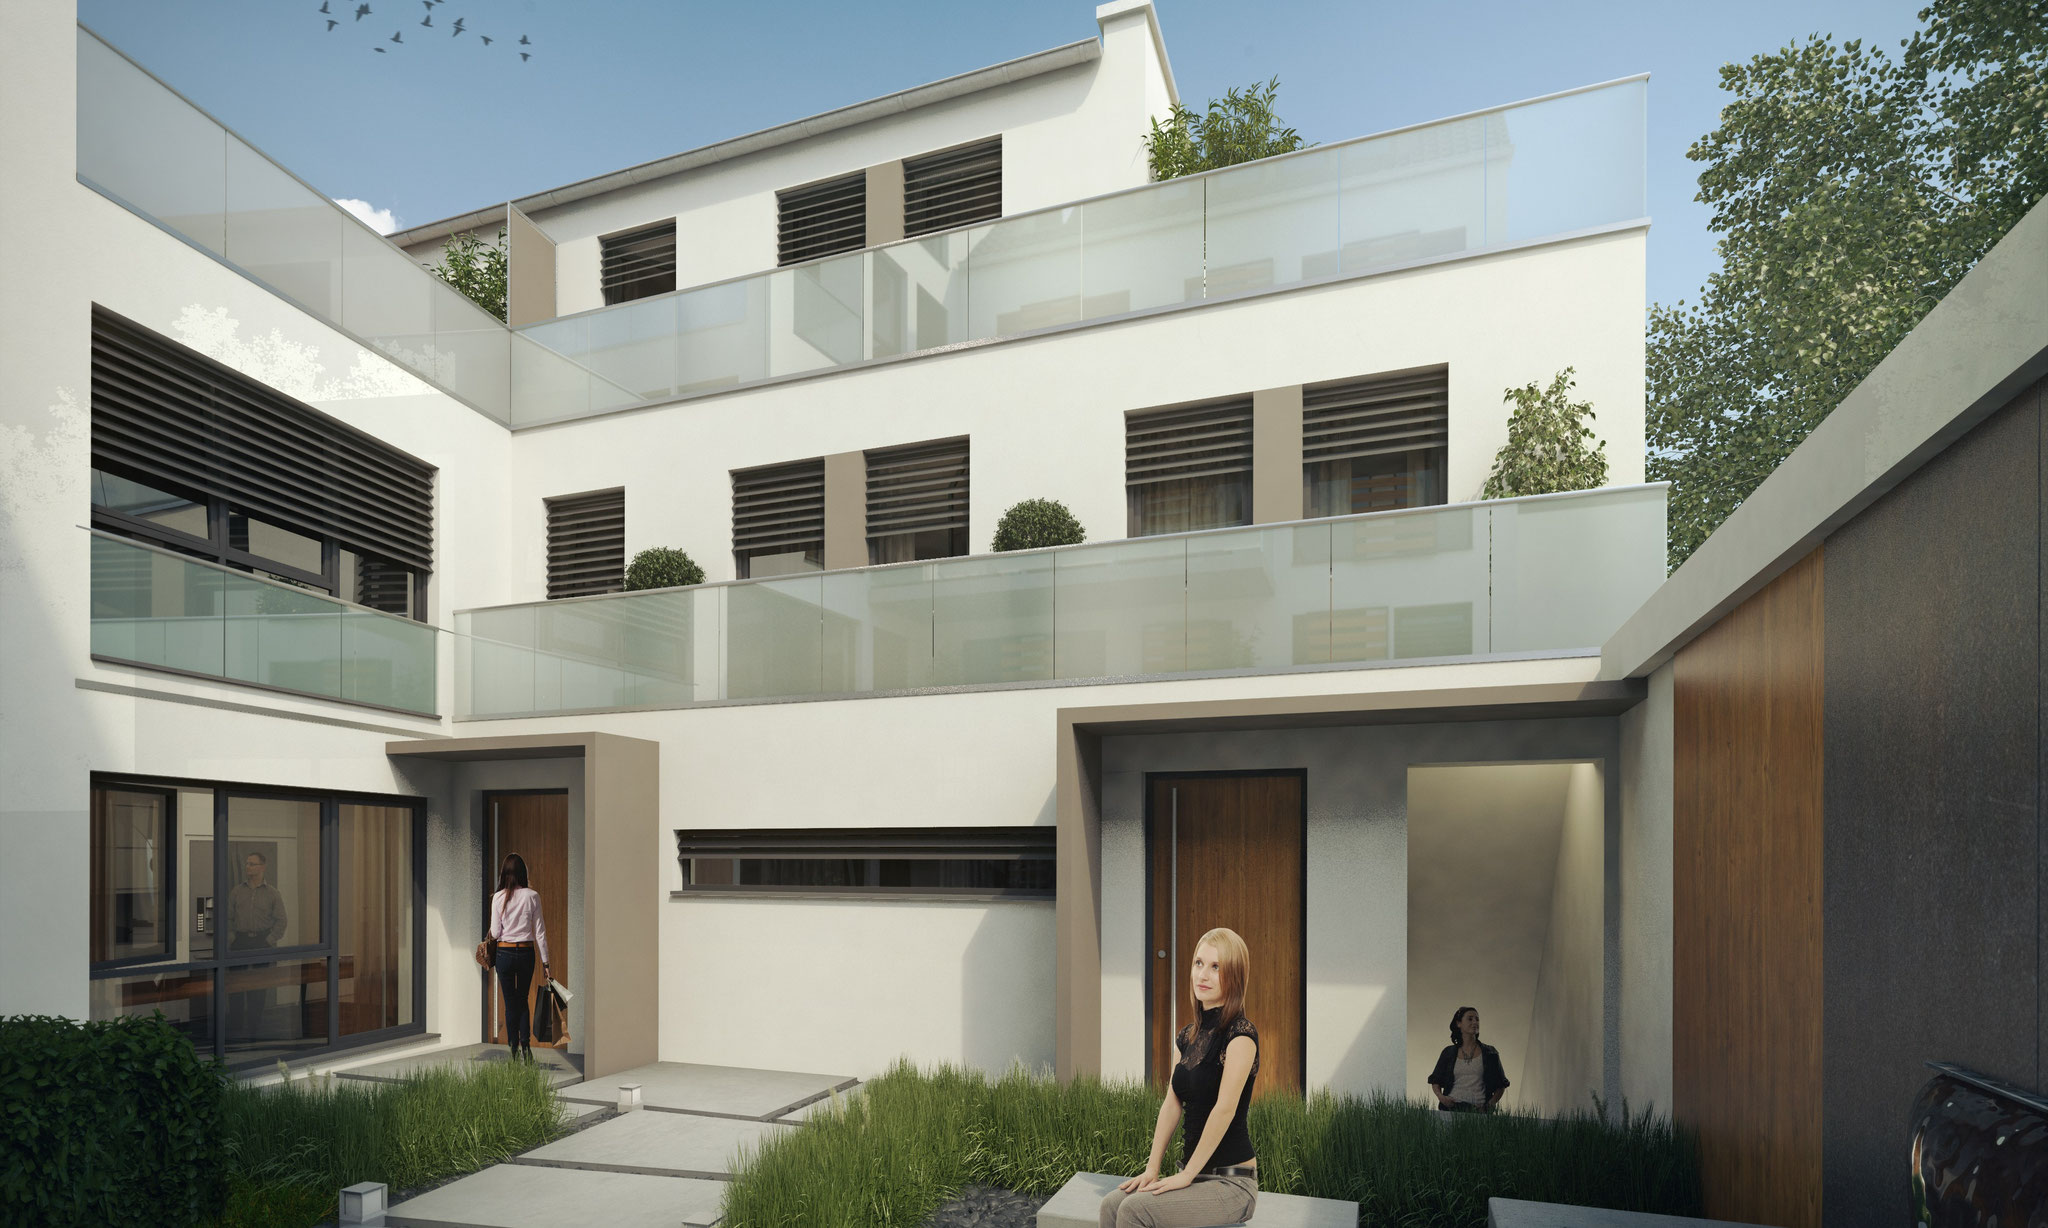 Neubauprojekt SülzerGärten - Neubautownhouses und EIgentumswohnungen im Herzen von Sülz - Verkauf von 9 Einheiten